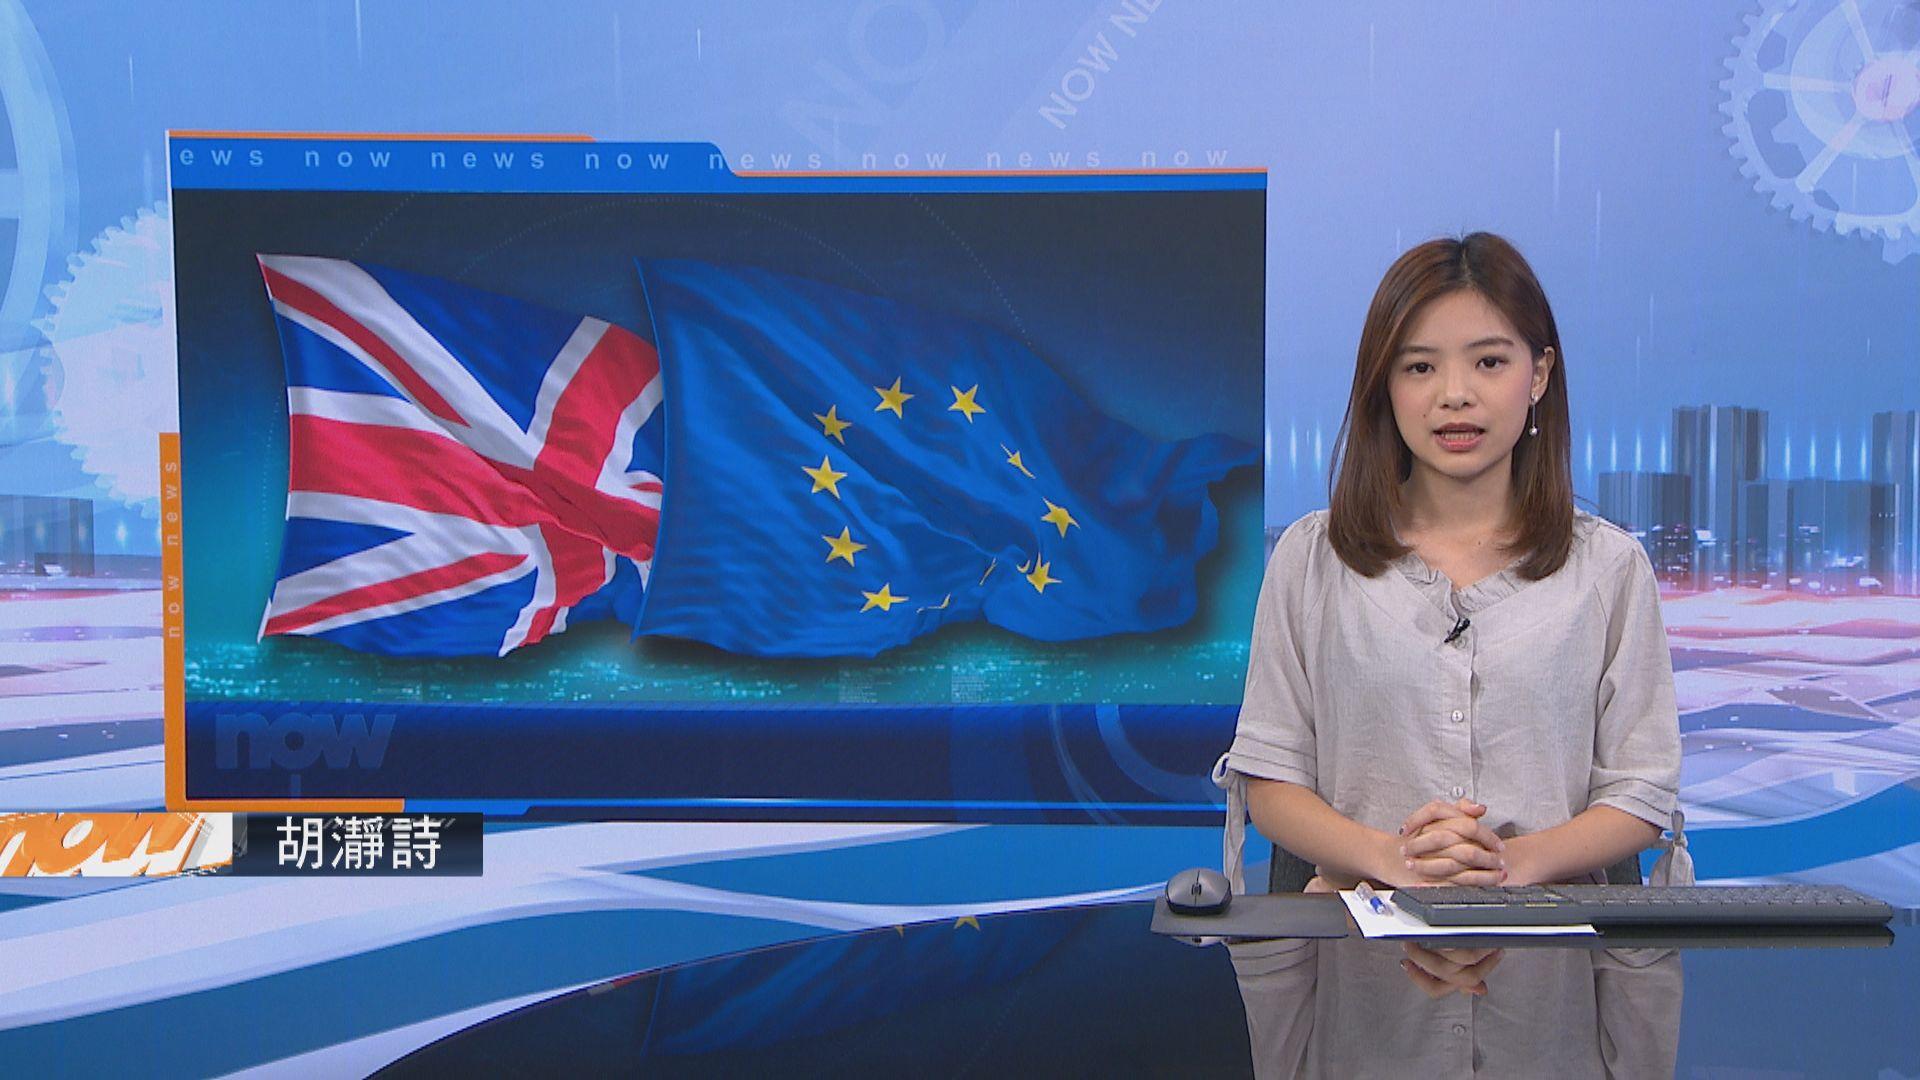 歐盟稱不接受脫歐新方案但仍有可能達成協議